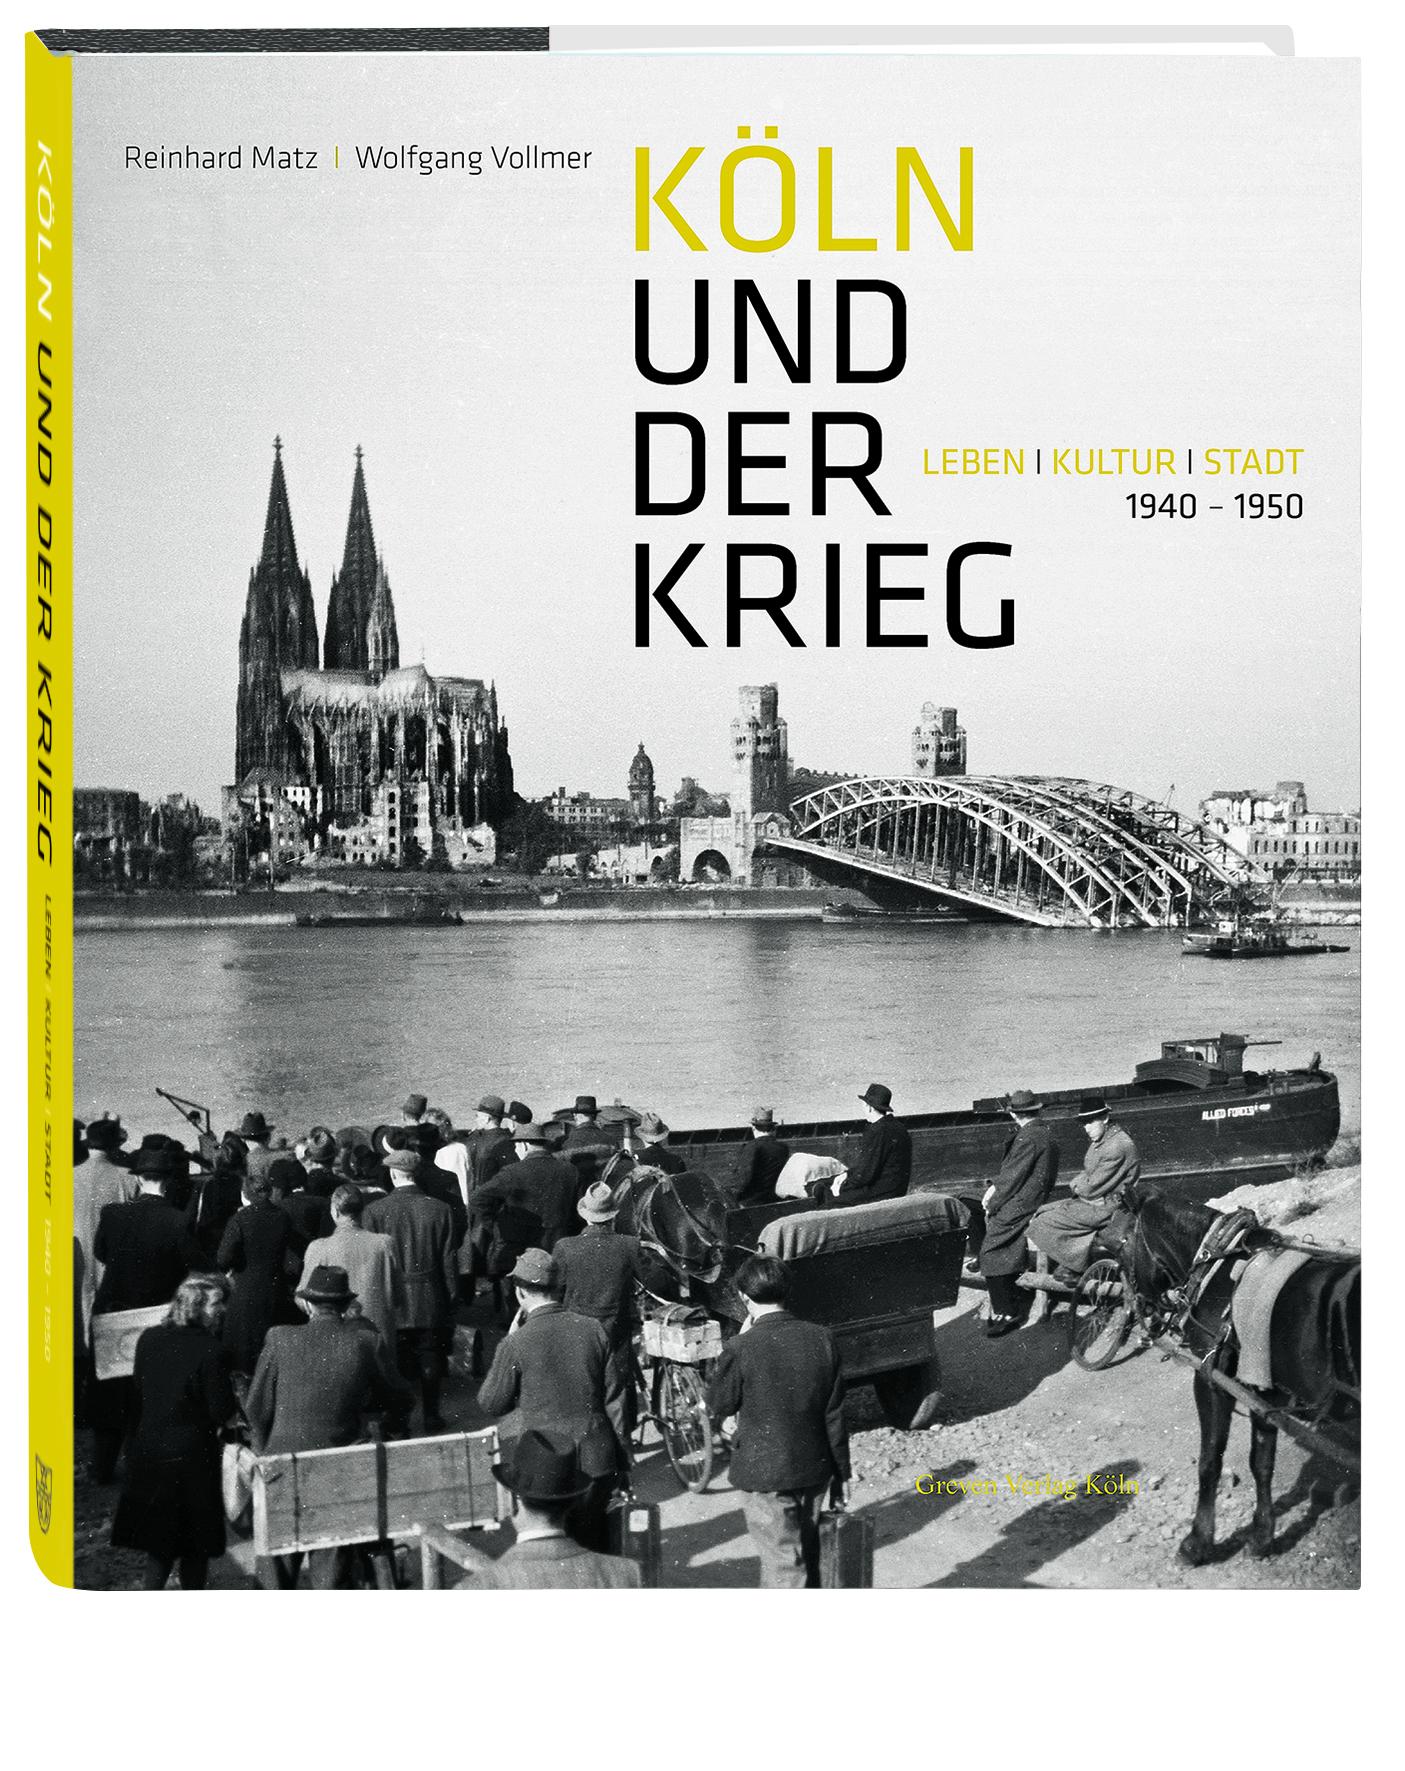 Köln und der Krieg Reinhard Matz